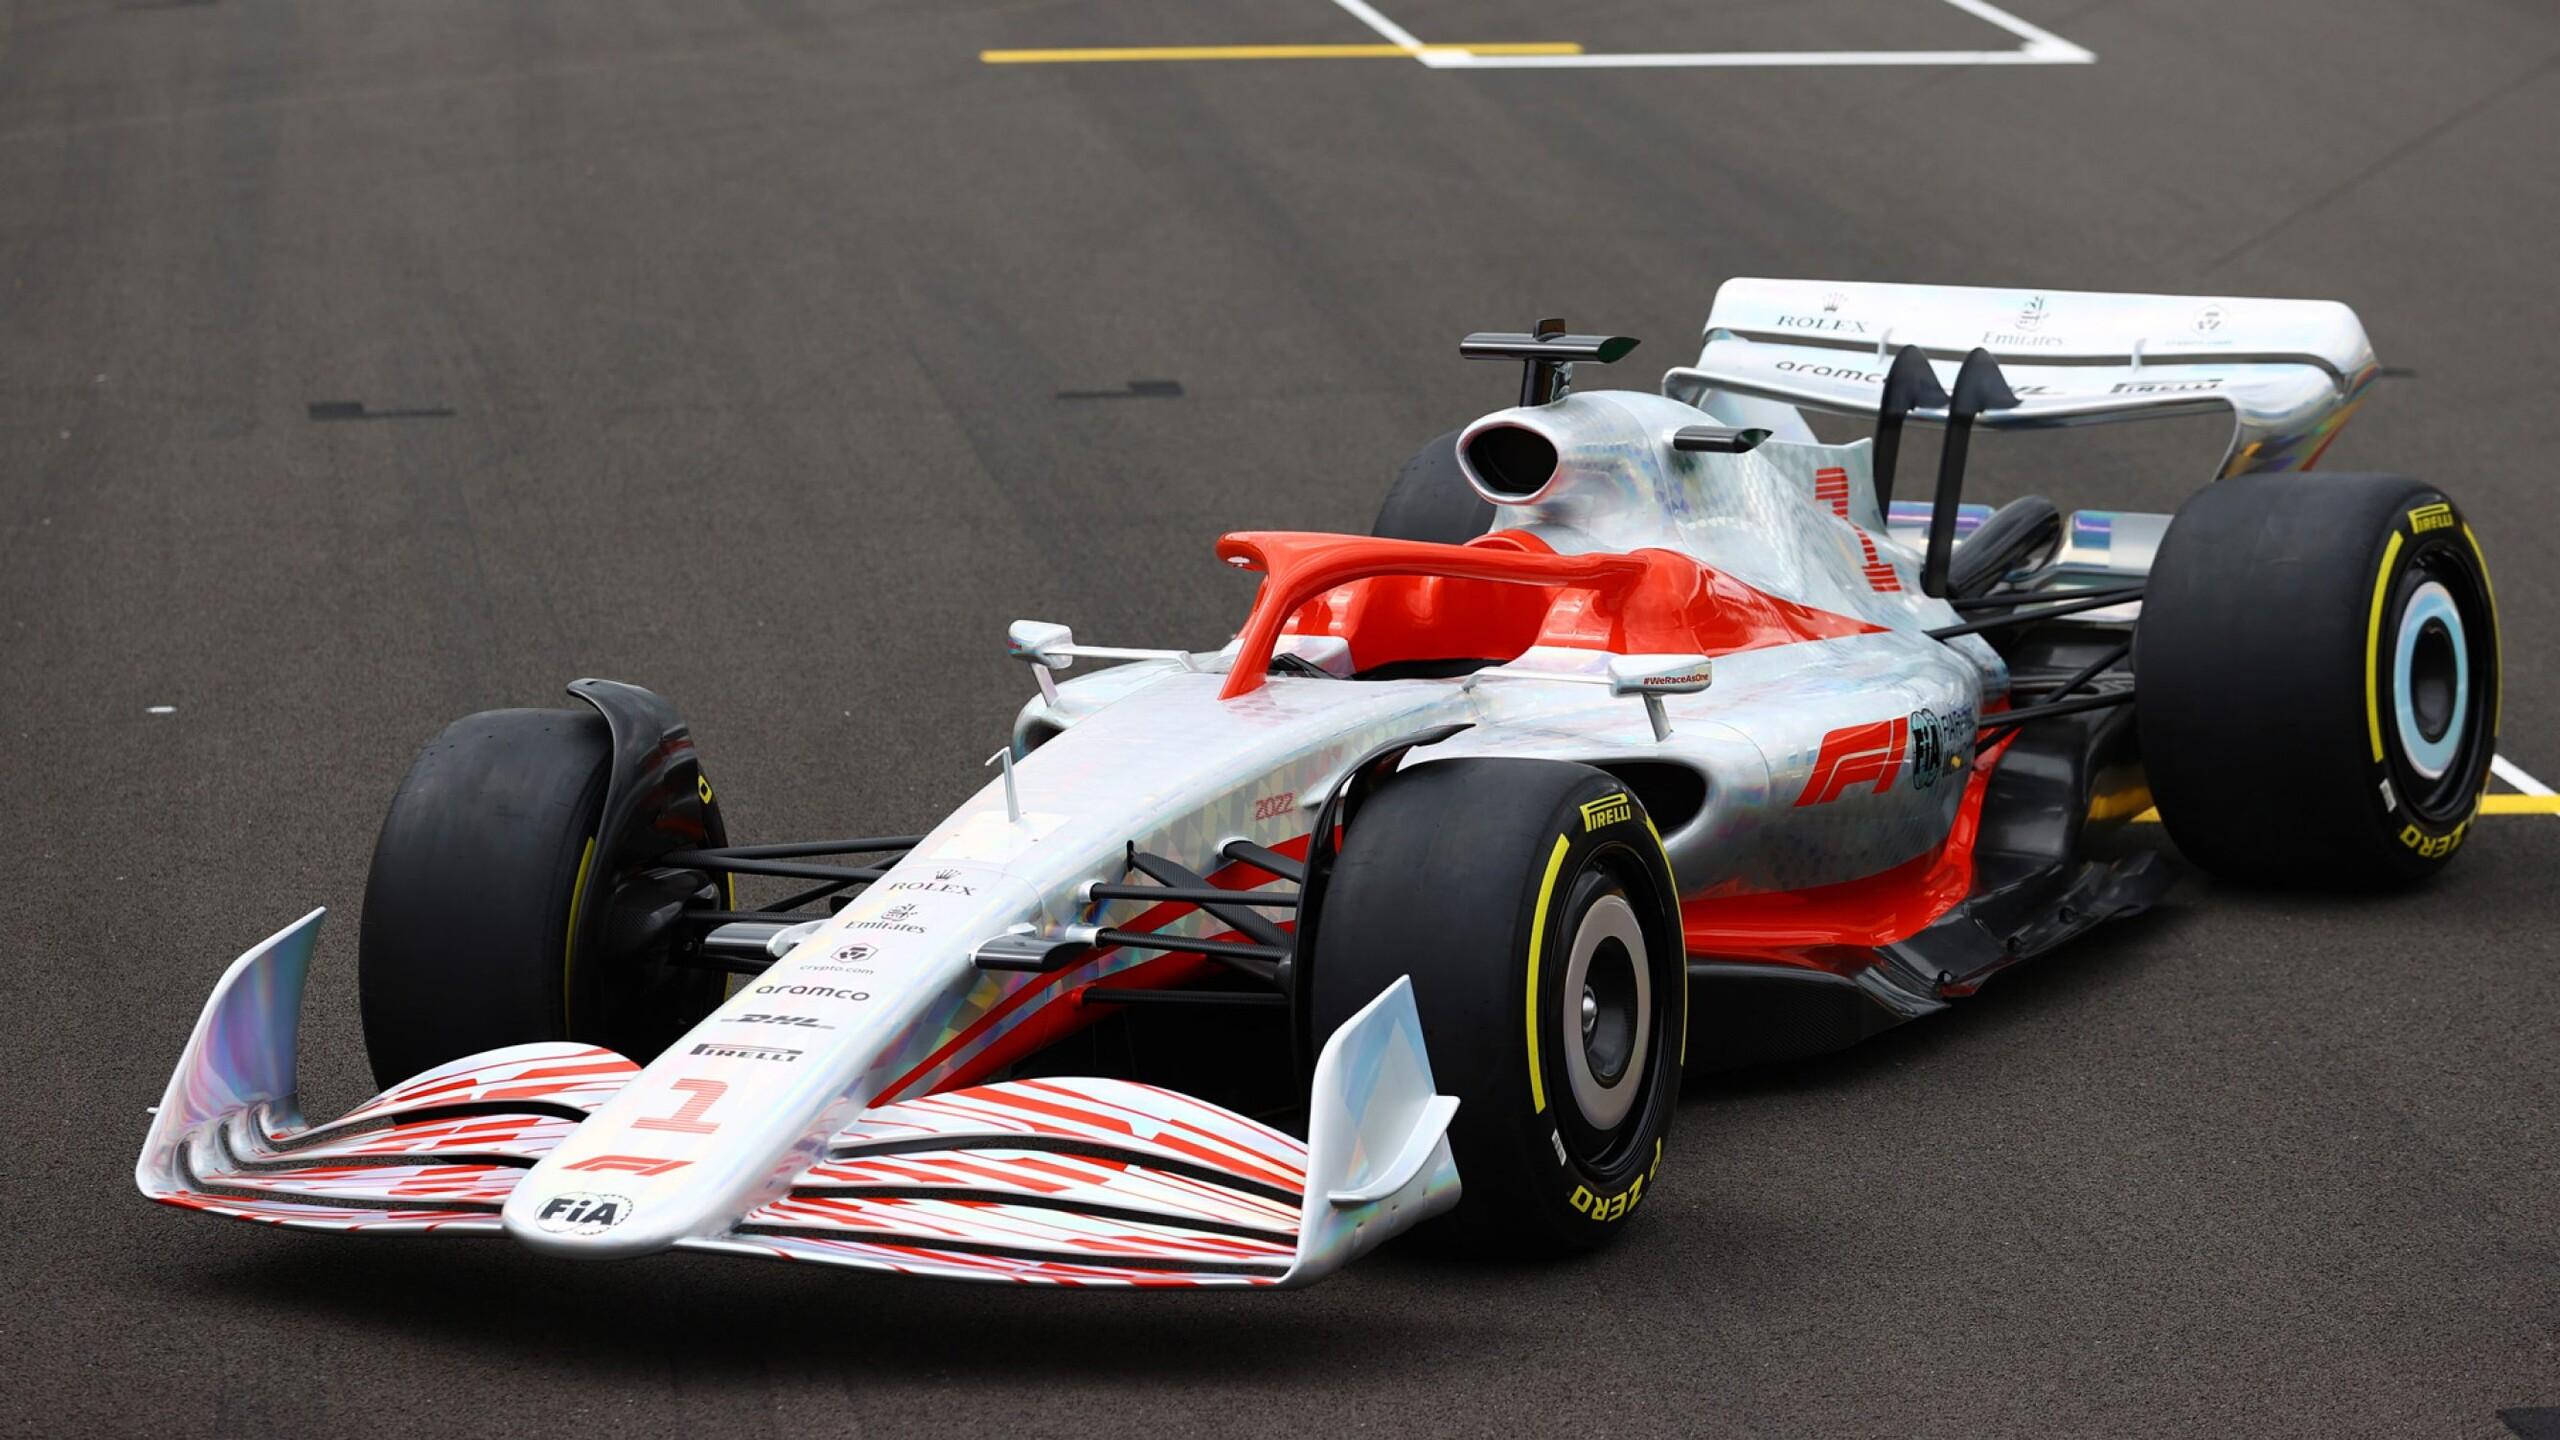 Foto de Fórmula 1 2022 (16/18)